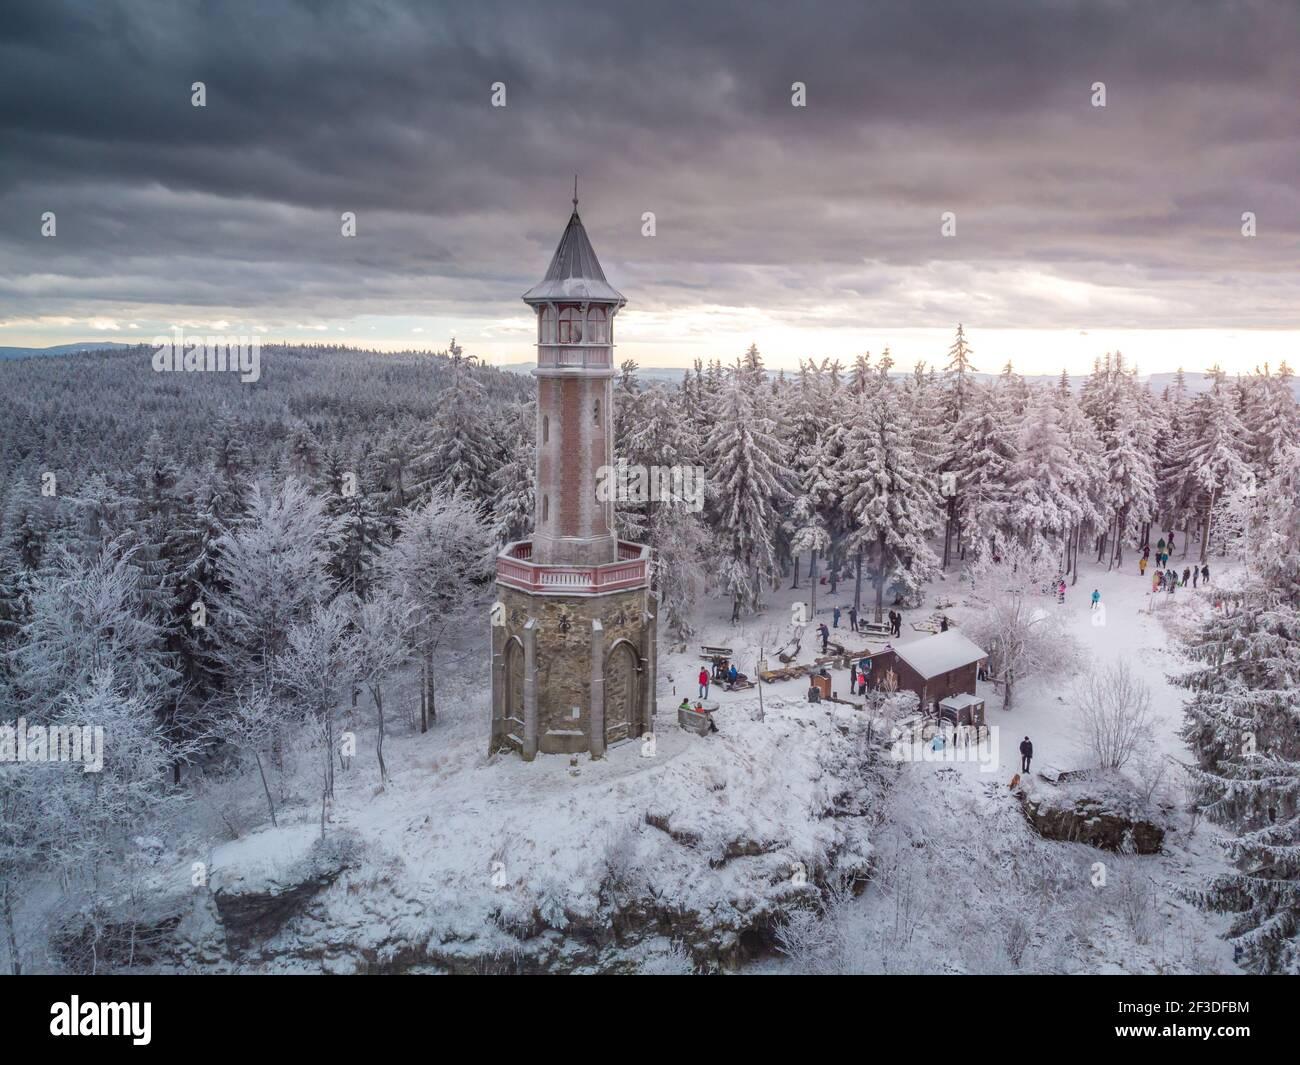 Photo aérienne de la tour Stepanka, à la frontière des montagnes Krkonose et Jizera. Jour couvert d'hiver, ciel avec nuages, arbres couverts de neige. Banque D'Images